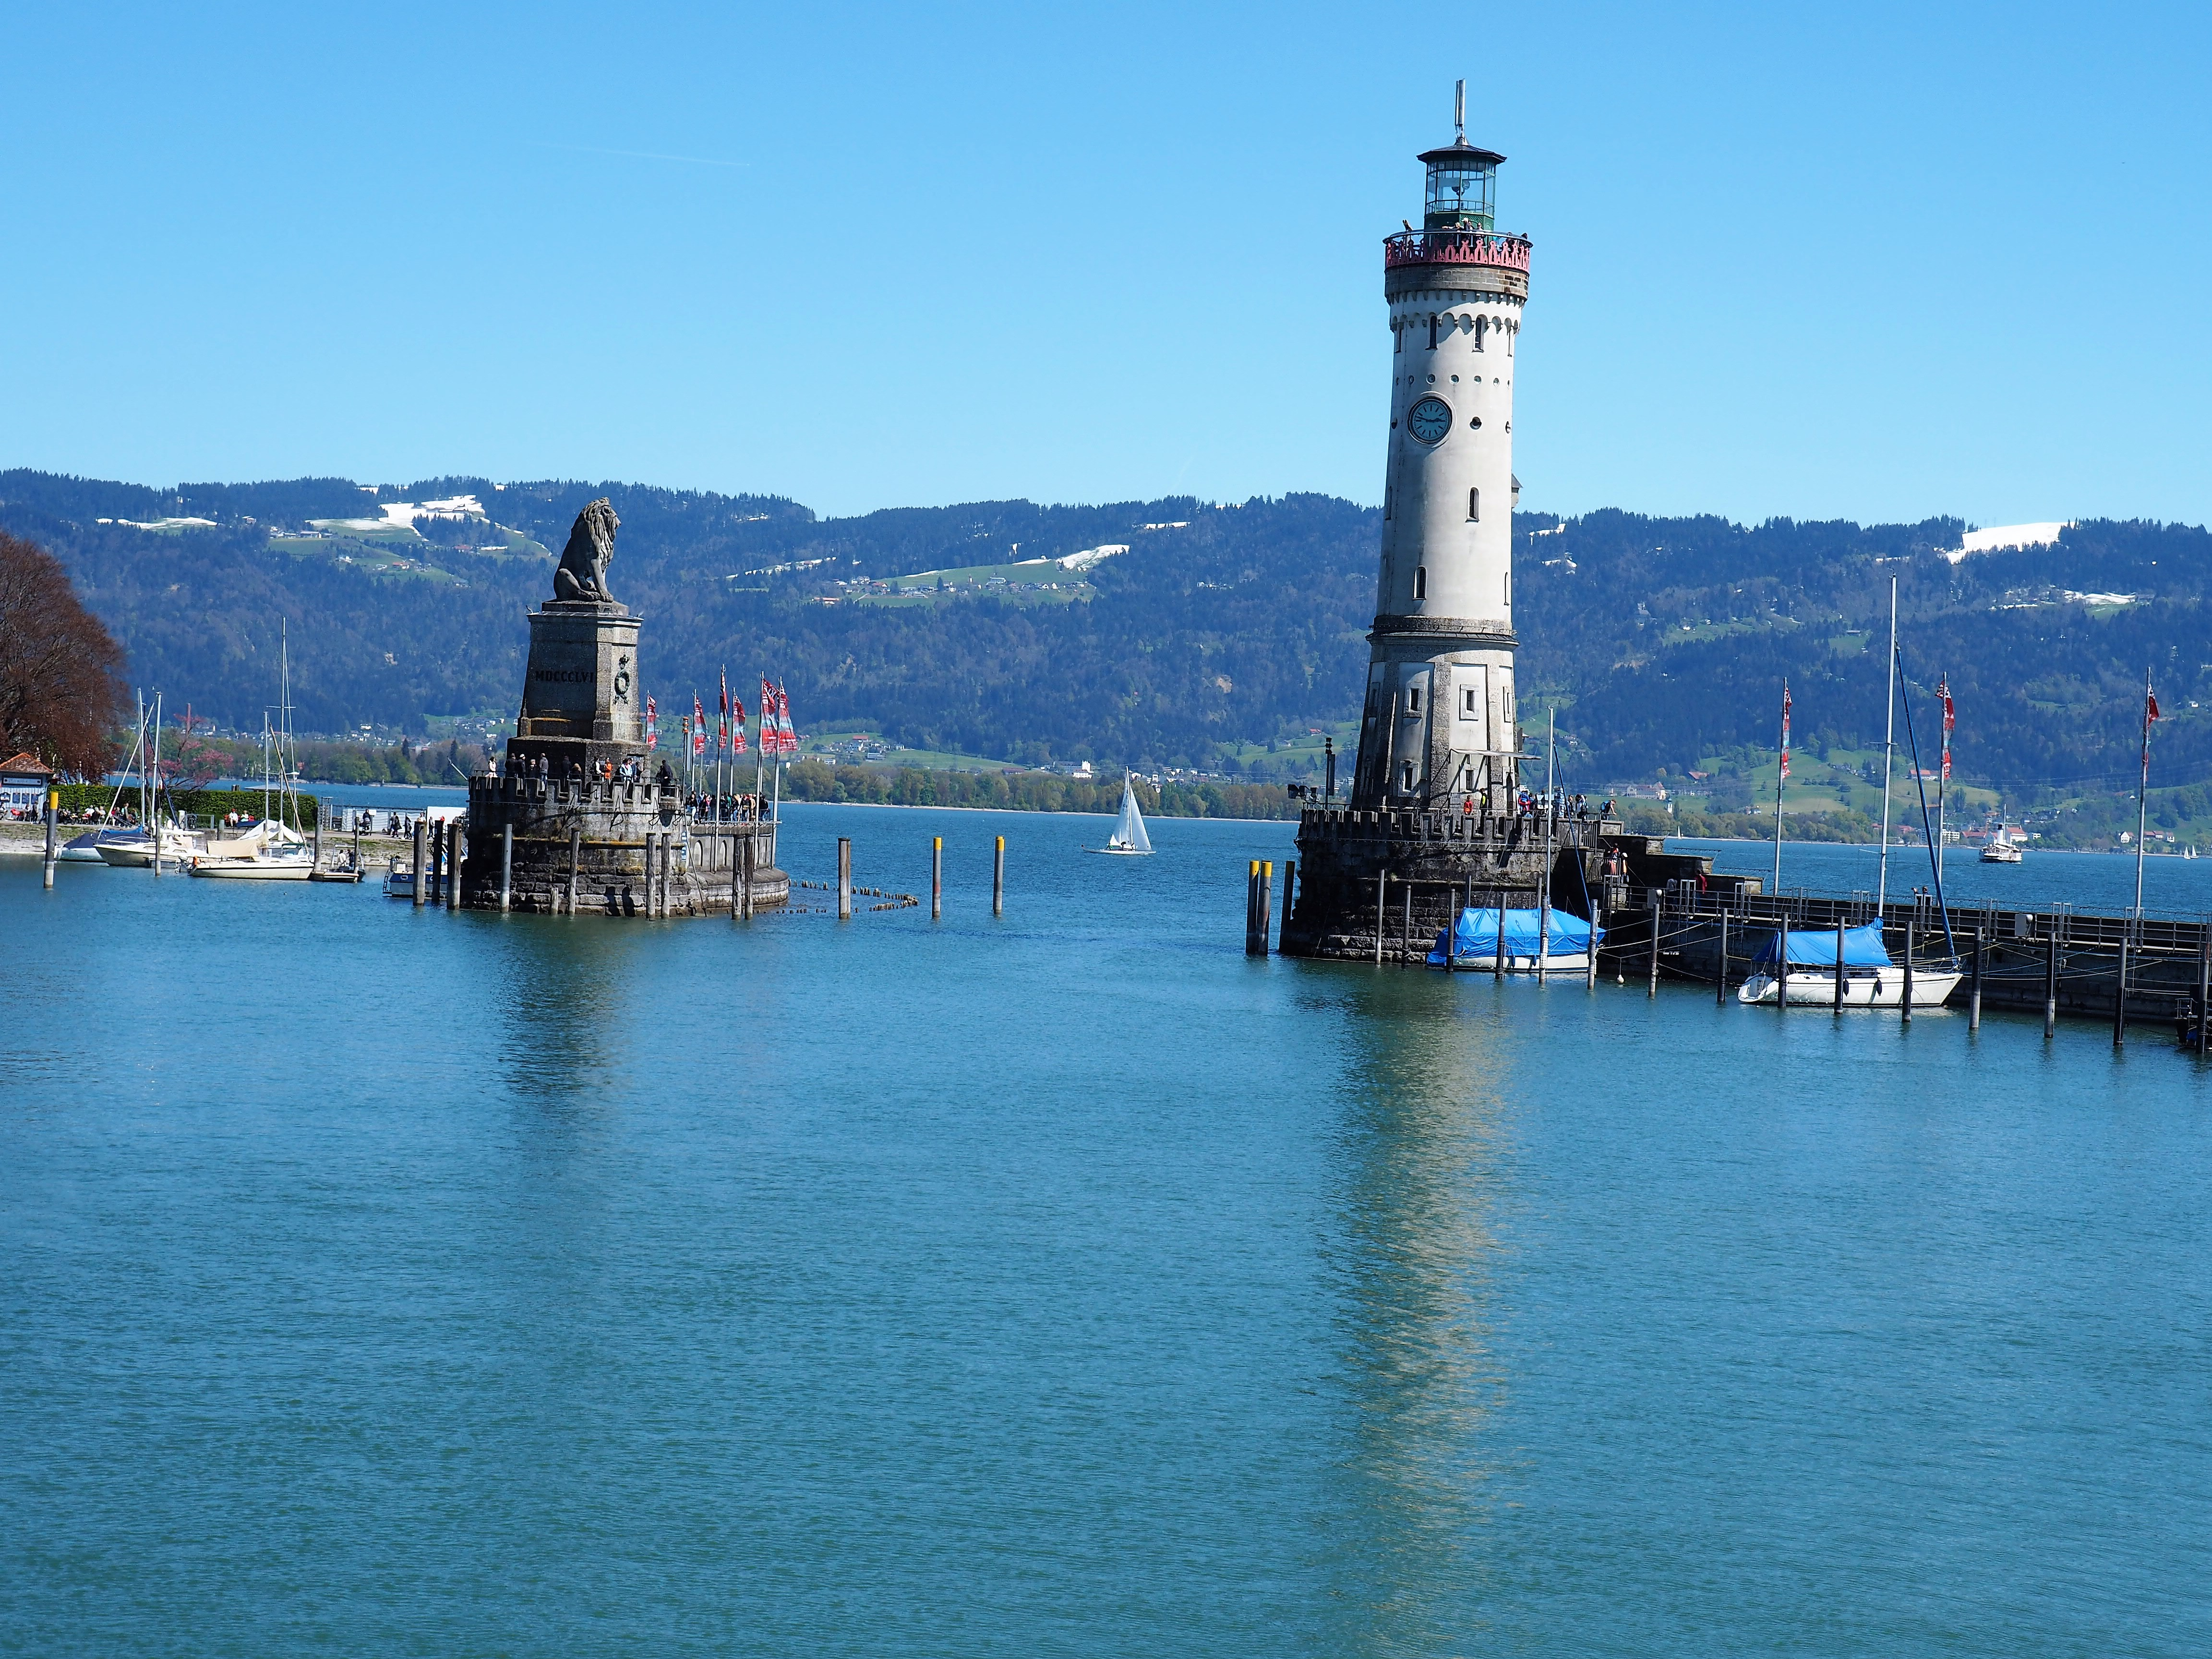 Hafeneinfahrt in Lindau am Bodensee